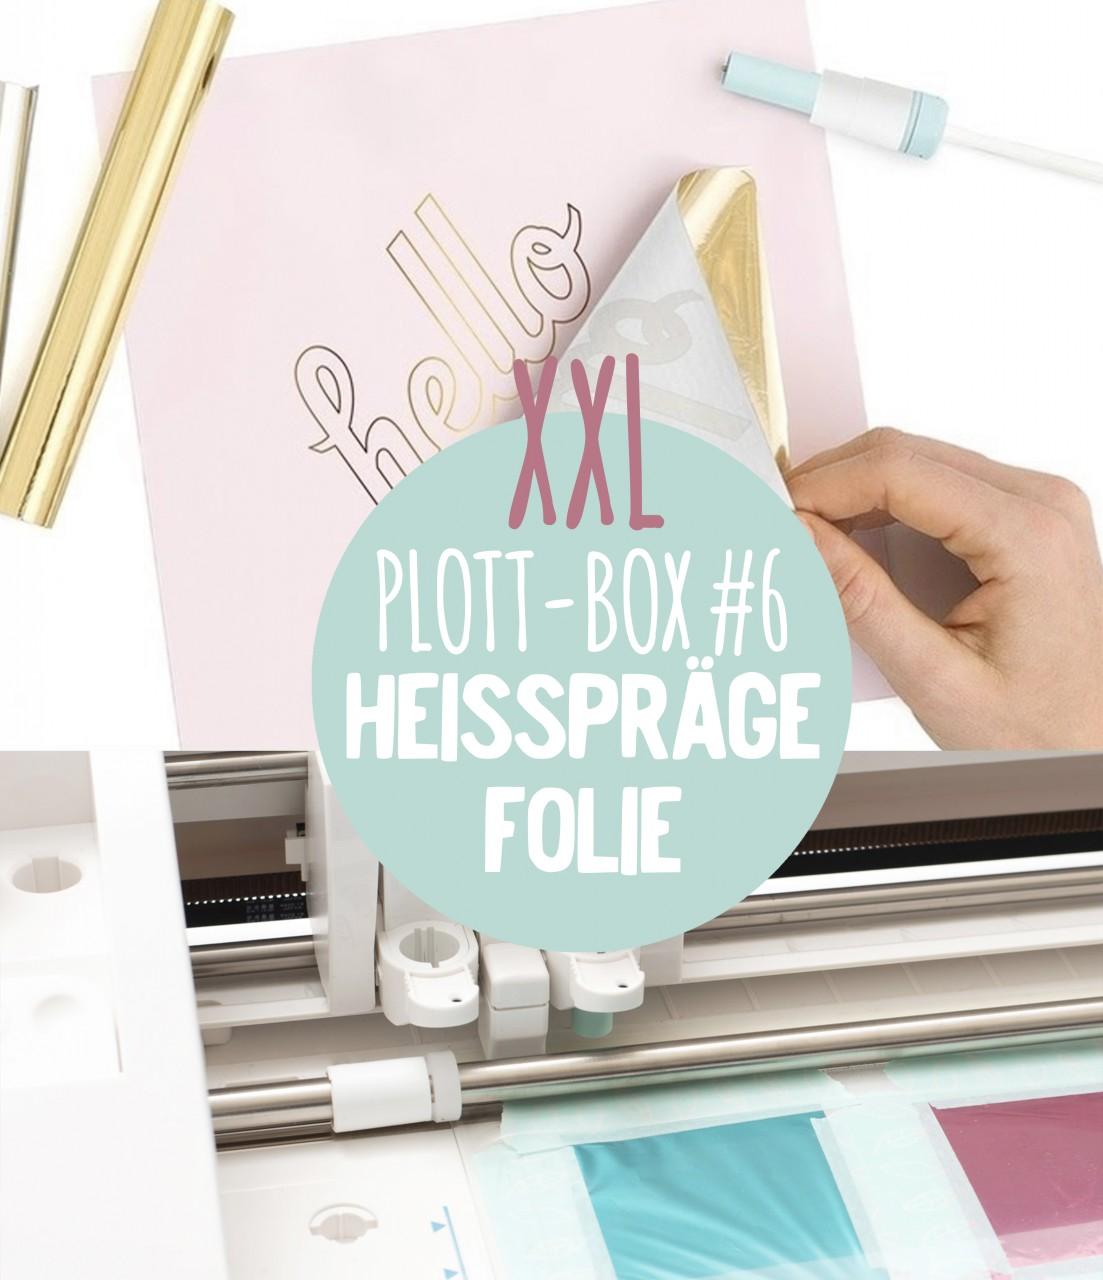 Deine Plottbox #6  *Heißfolien Prägung* XXL - DIY Projekte für den Plotter inkl. Vorlagen, Material